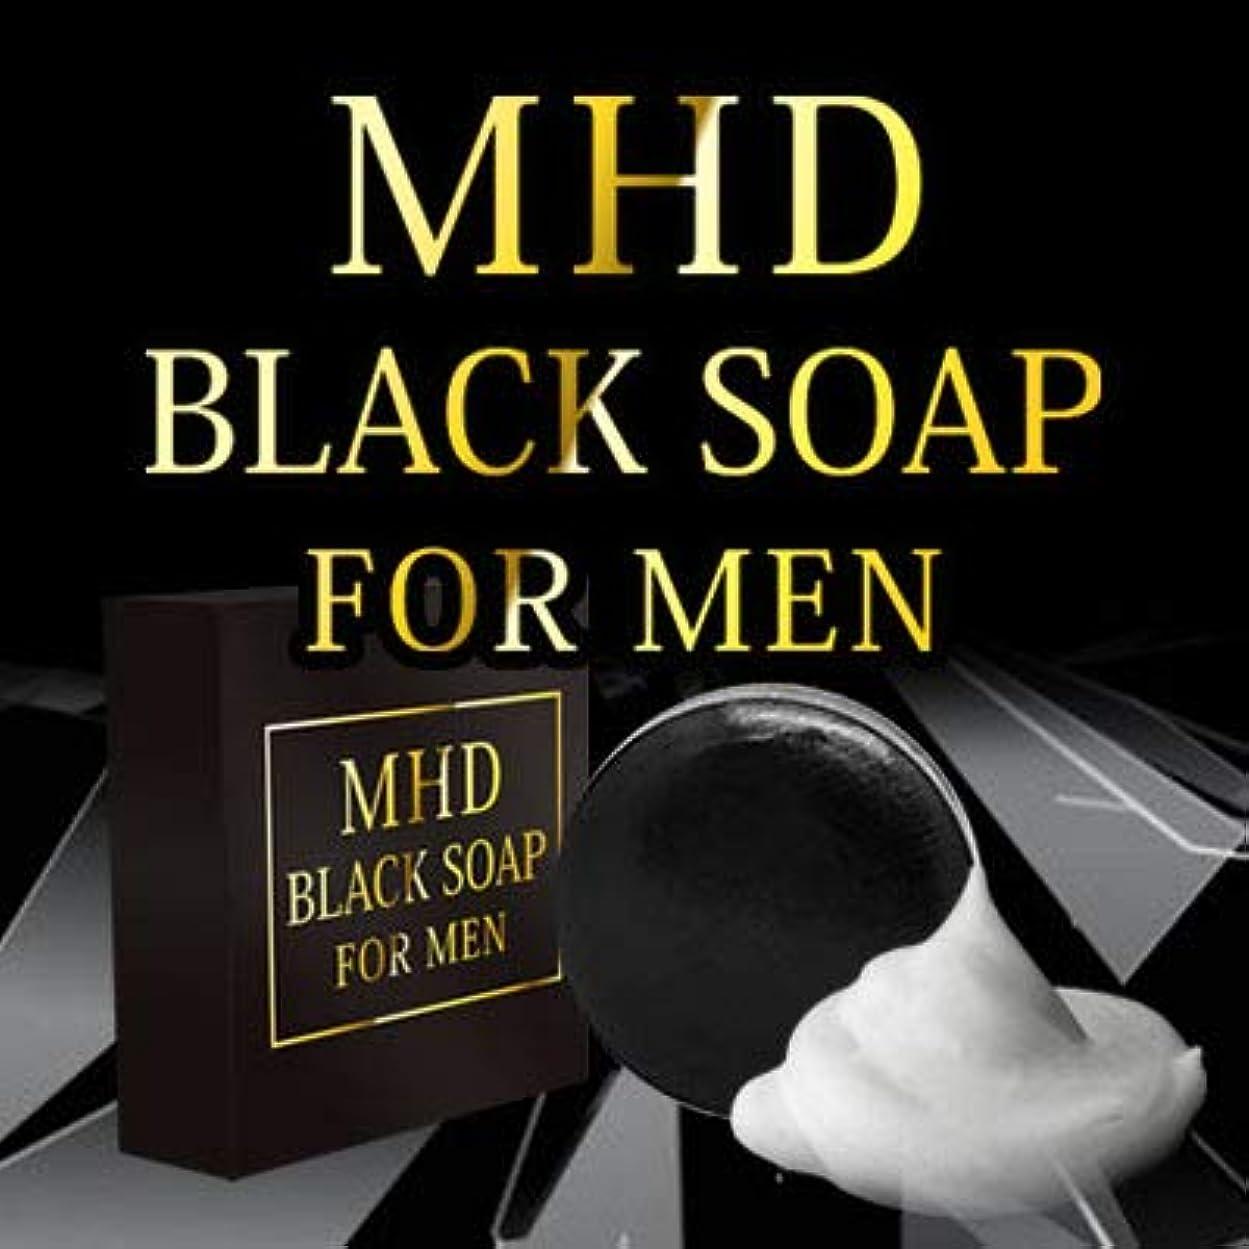 崩壊万歳絶対にMHD石鹸(BLACK SOAP FOR MEN) メンズ用全身ソープ